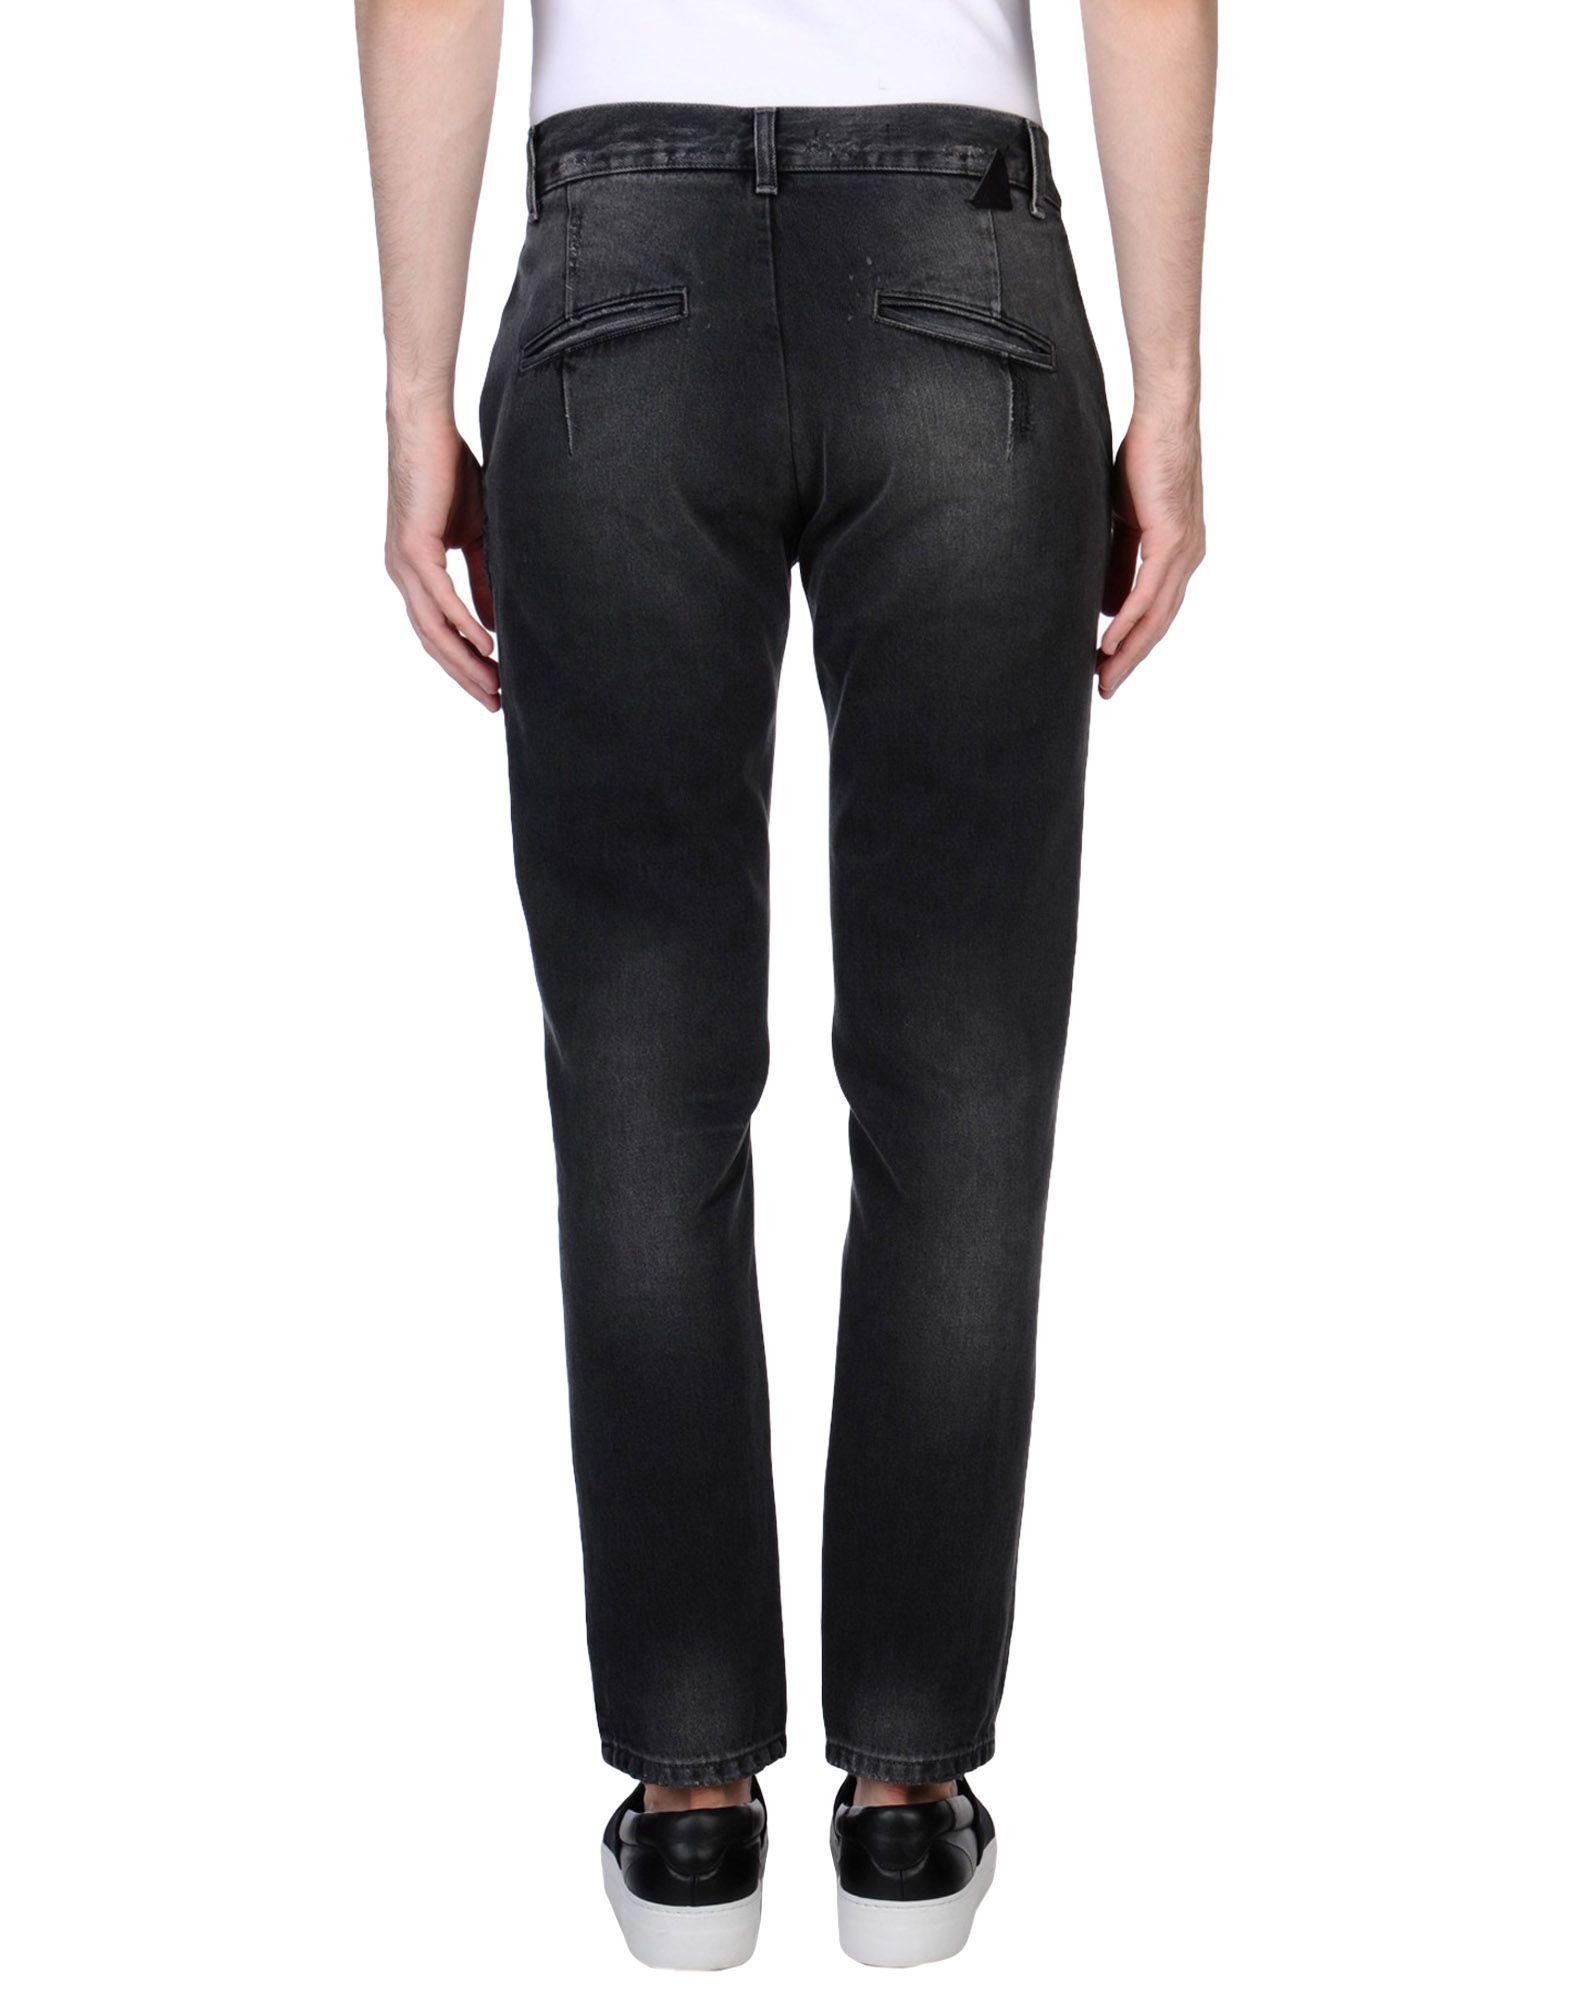 Pantaloni Jeans Jeans Pantaloni Daniele Alessandrini Uomo - 42633032AH 8b725c